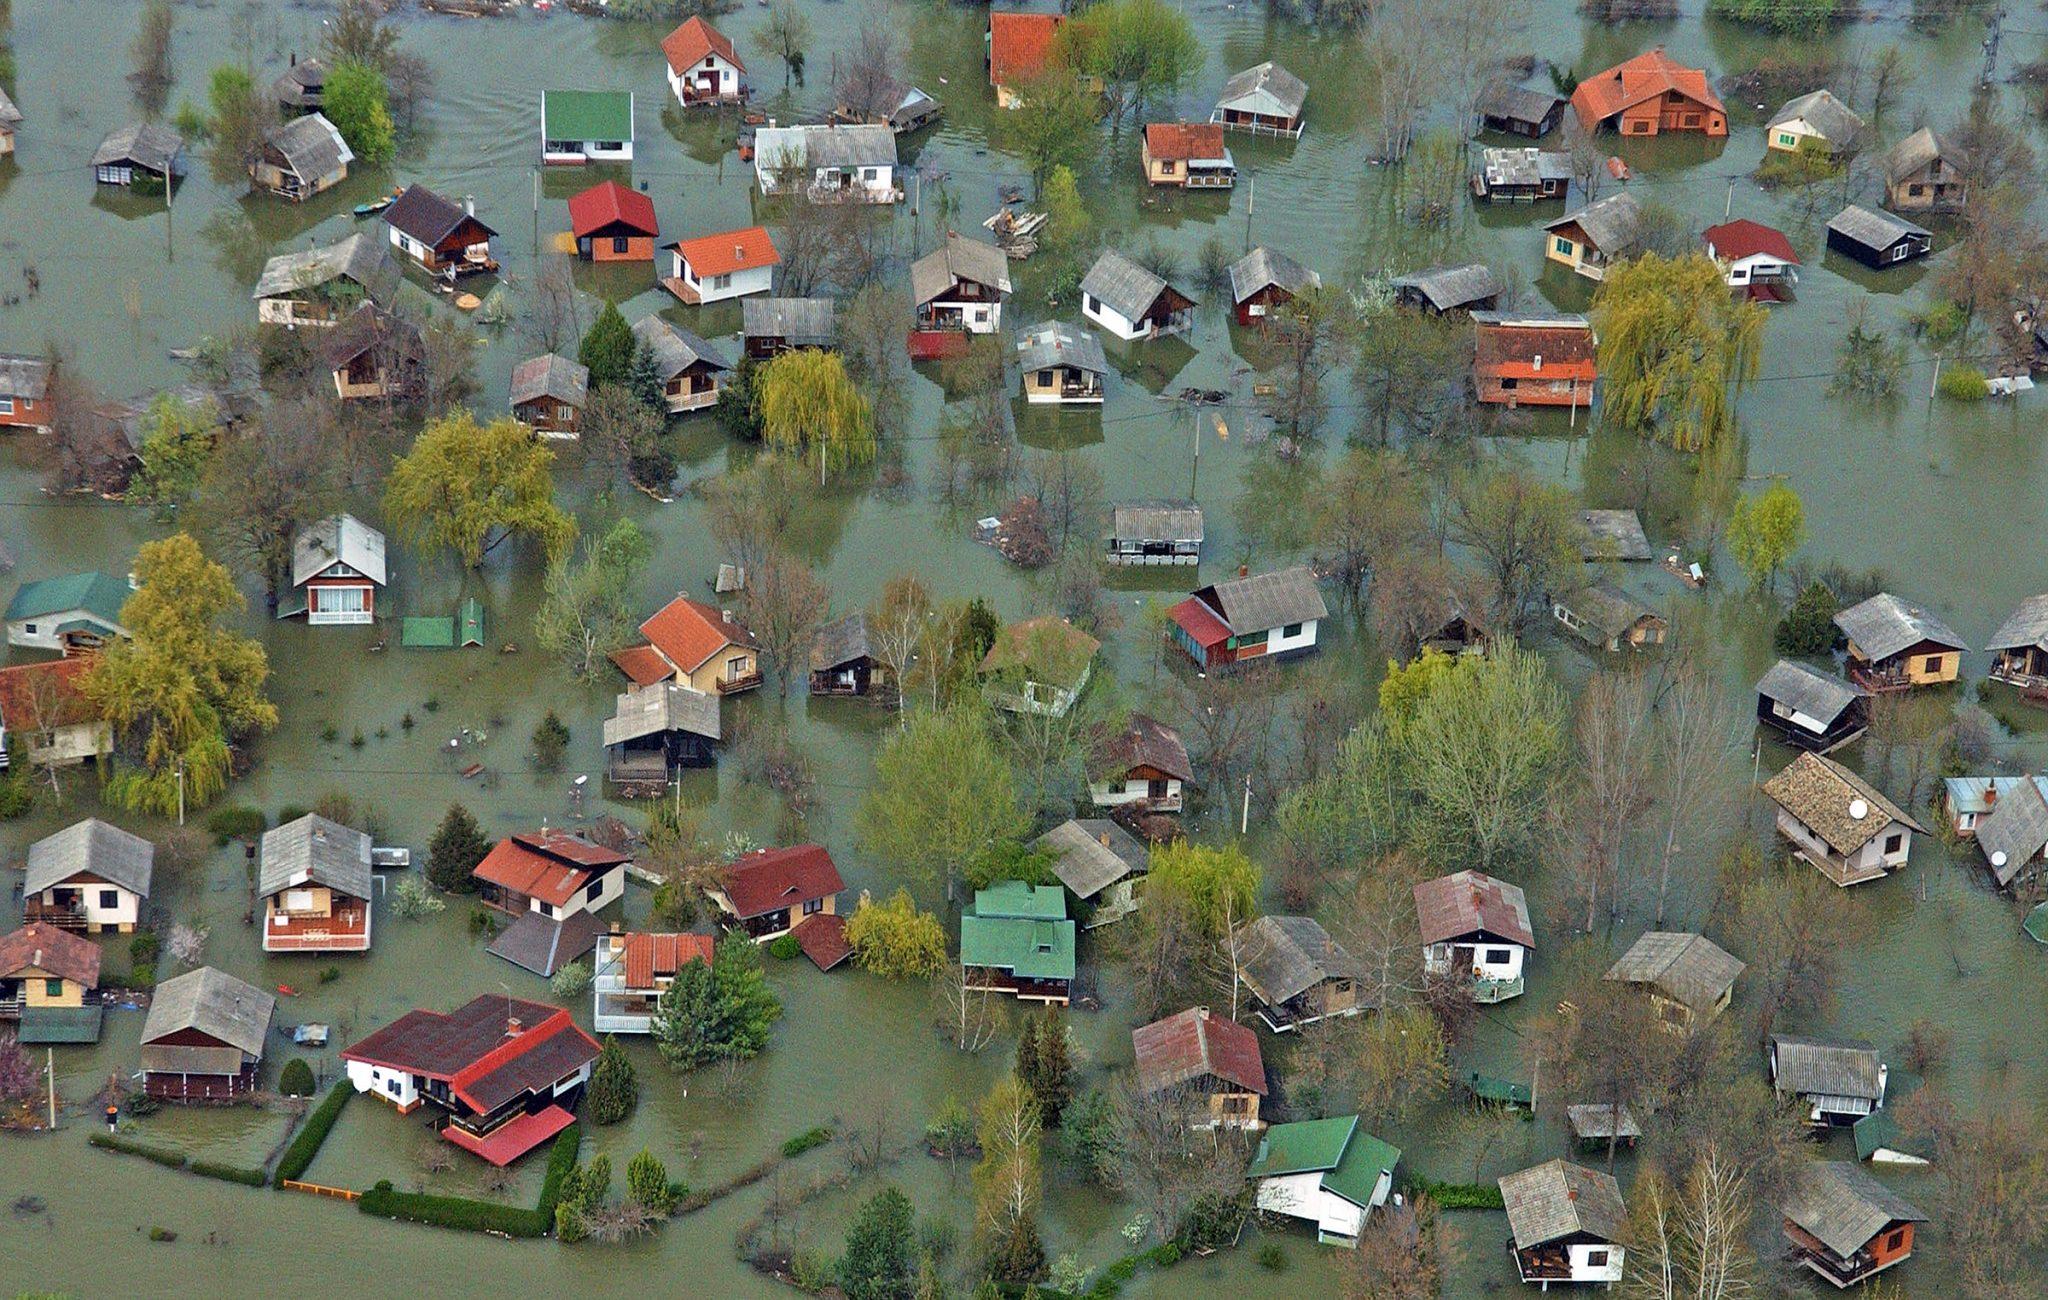 Réchauffement climatique : quelles sont les villes qui devraient être submergées par la montée des océans ?